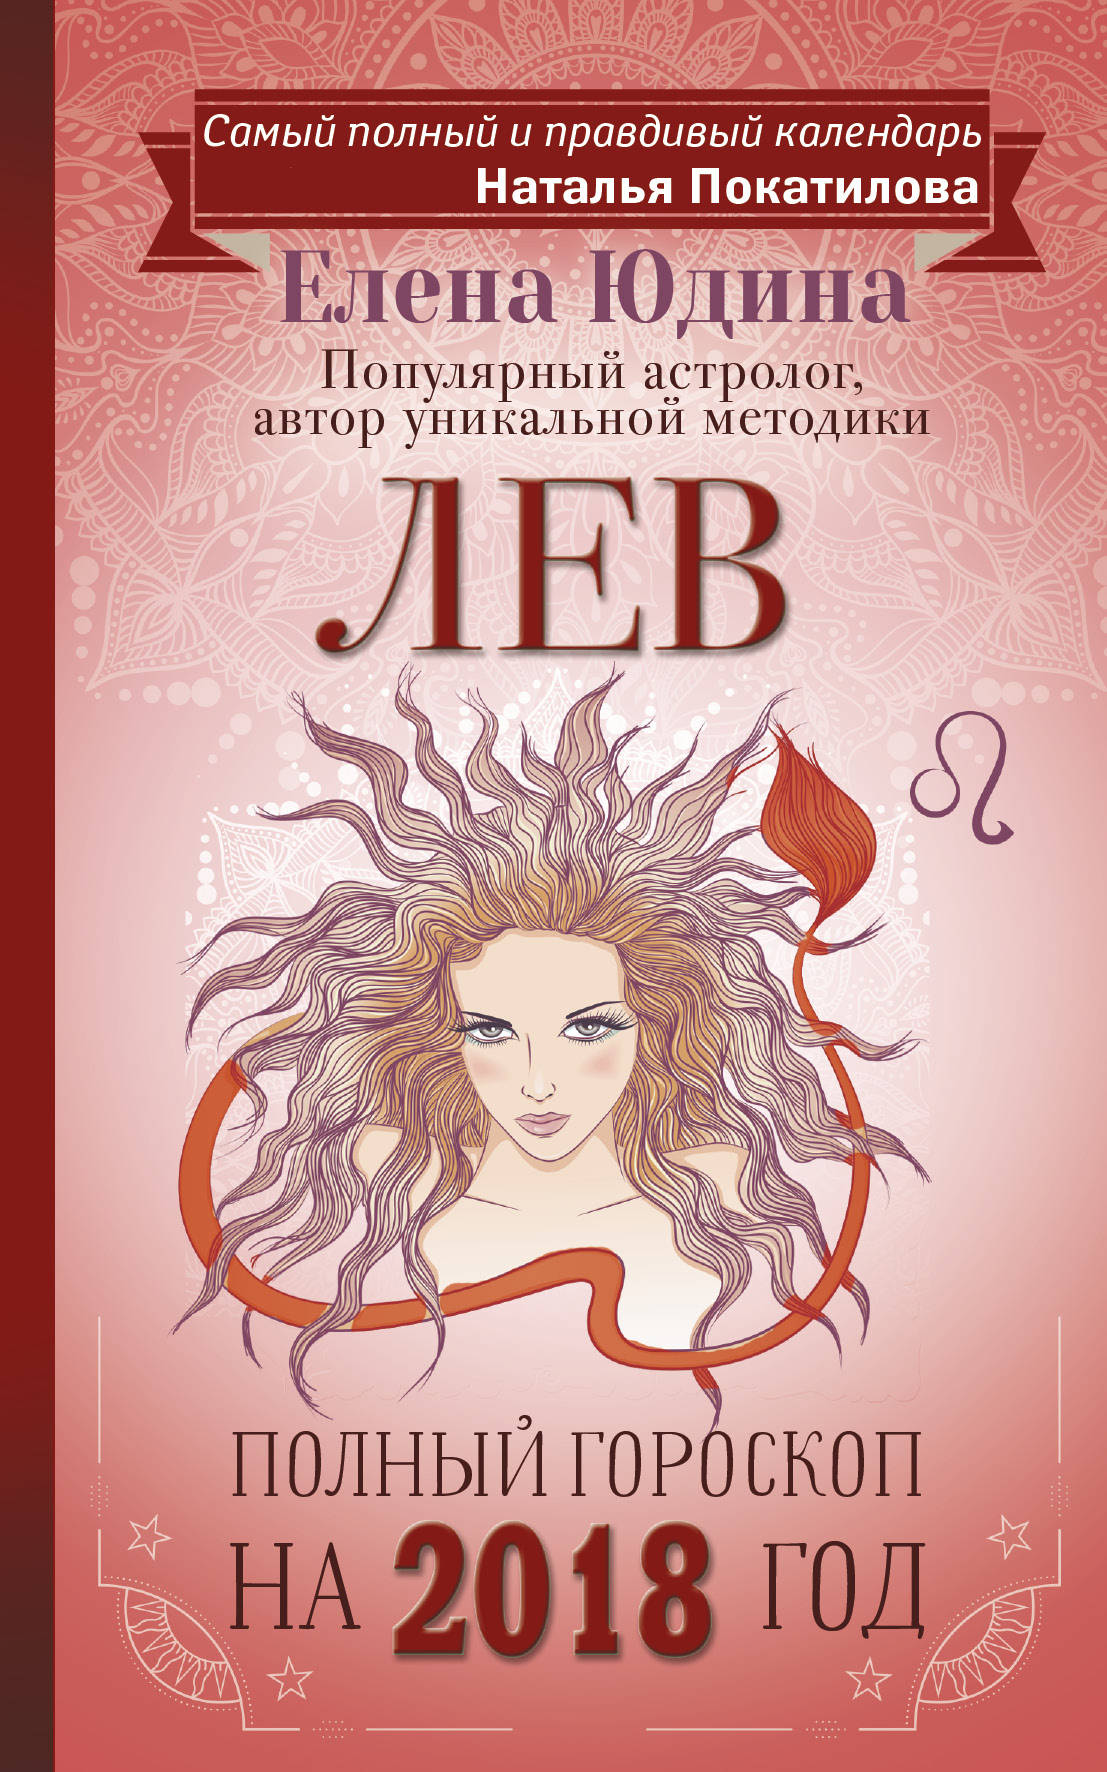 Елена Юдина Лев. Полный гороскоп на 2018 год